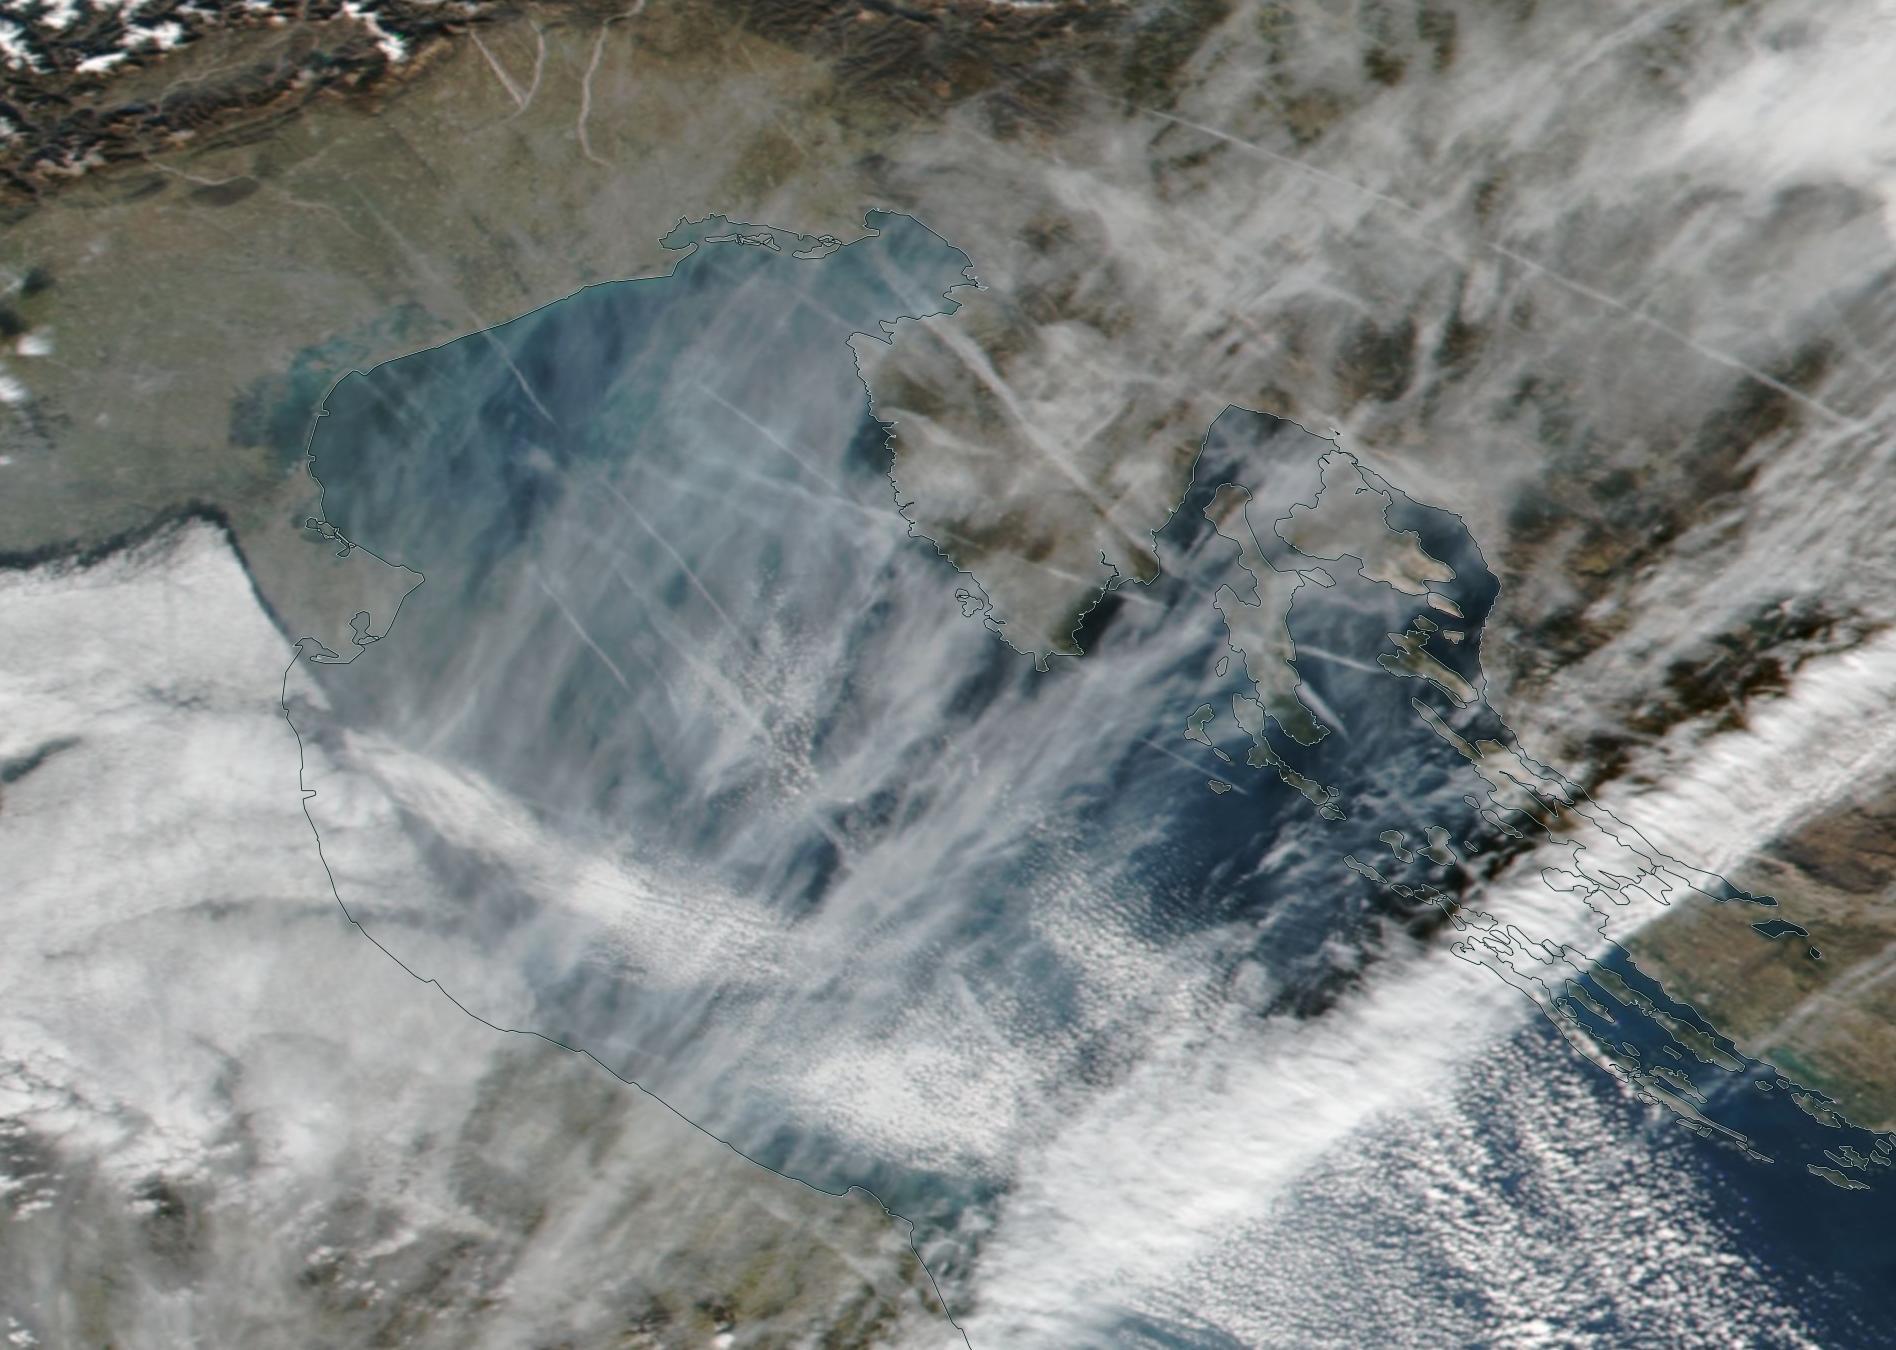 Jan 16 2020 obvious chemtrail Adriatic, Croatia, Golfo de Venezia, Venice ... https://go.nasa.gov/2OT9sFM